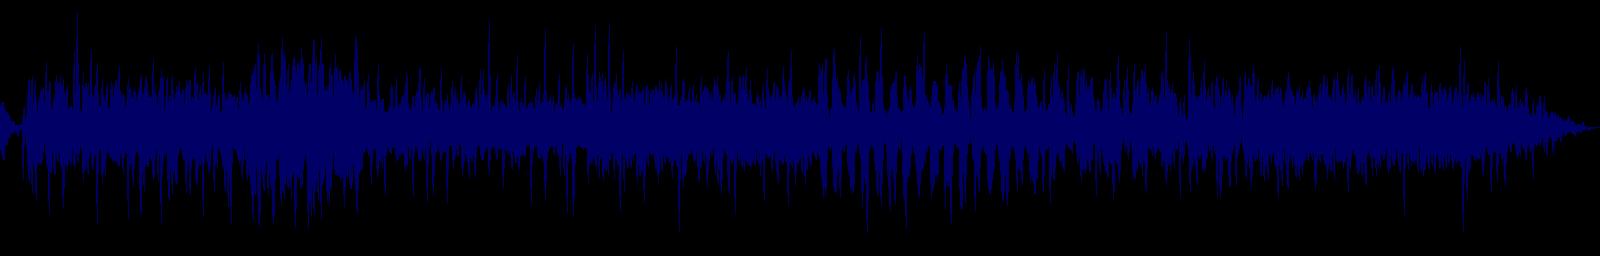 waveform of track #132177